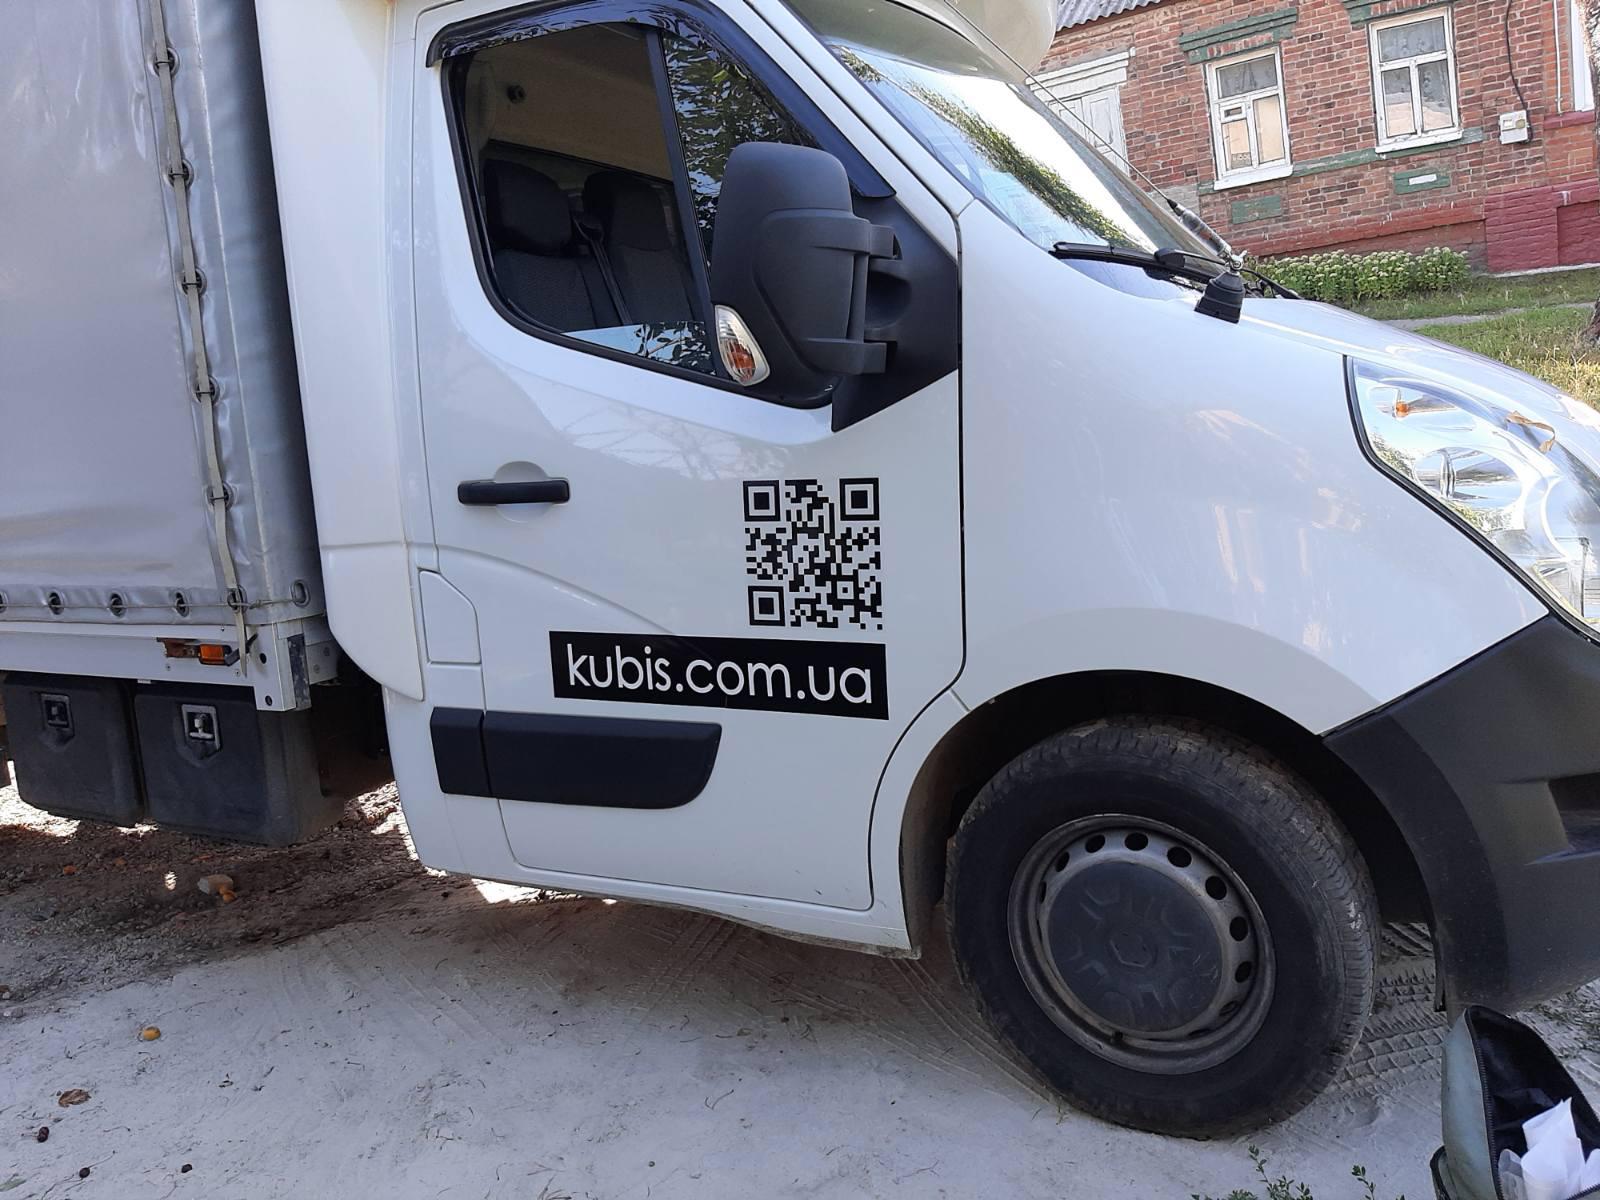 Qr код для кабинки автомобиля